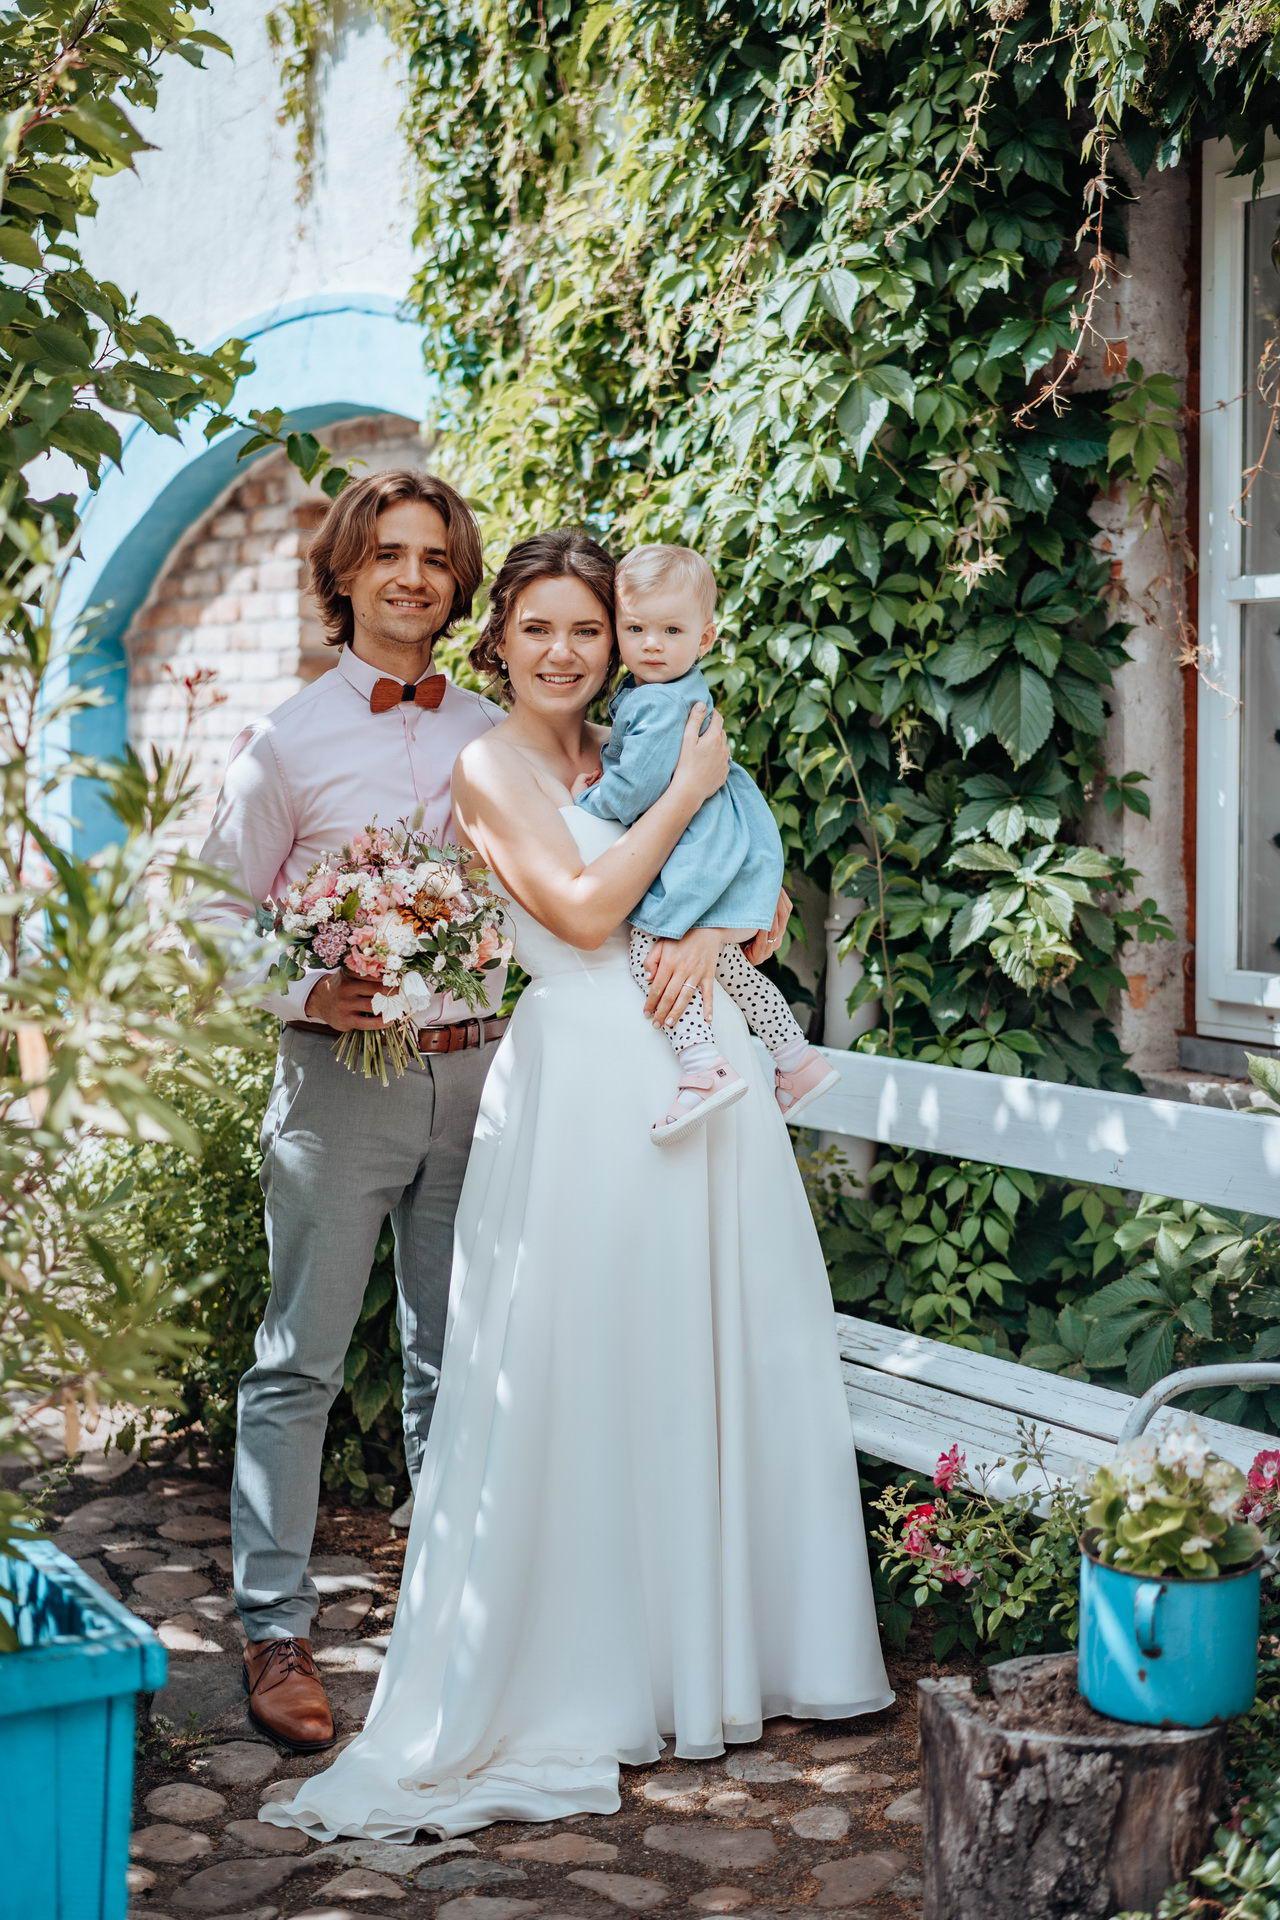 Svatba Veronika a Tomáš, 11. 7. 2020